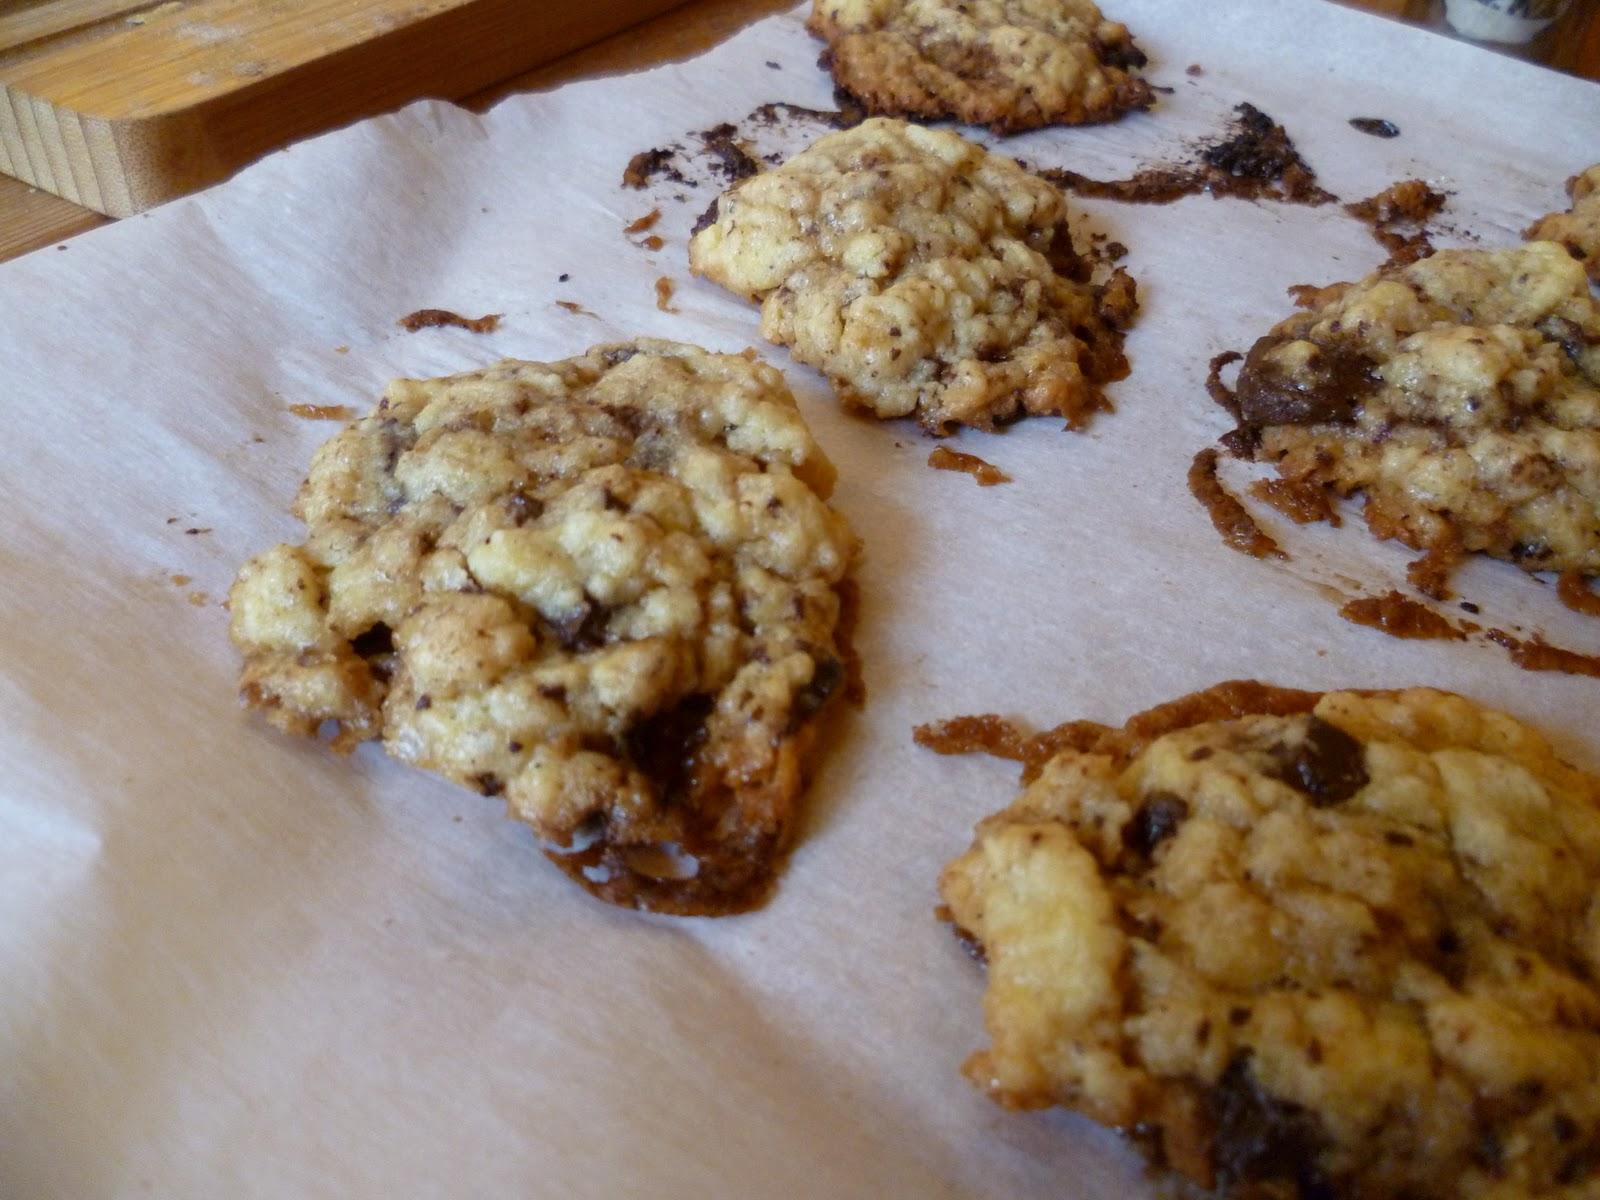 Les cookies de laura todd les recettes de pauline - Recette cookies laura todd ...